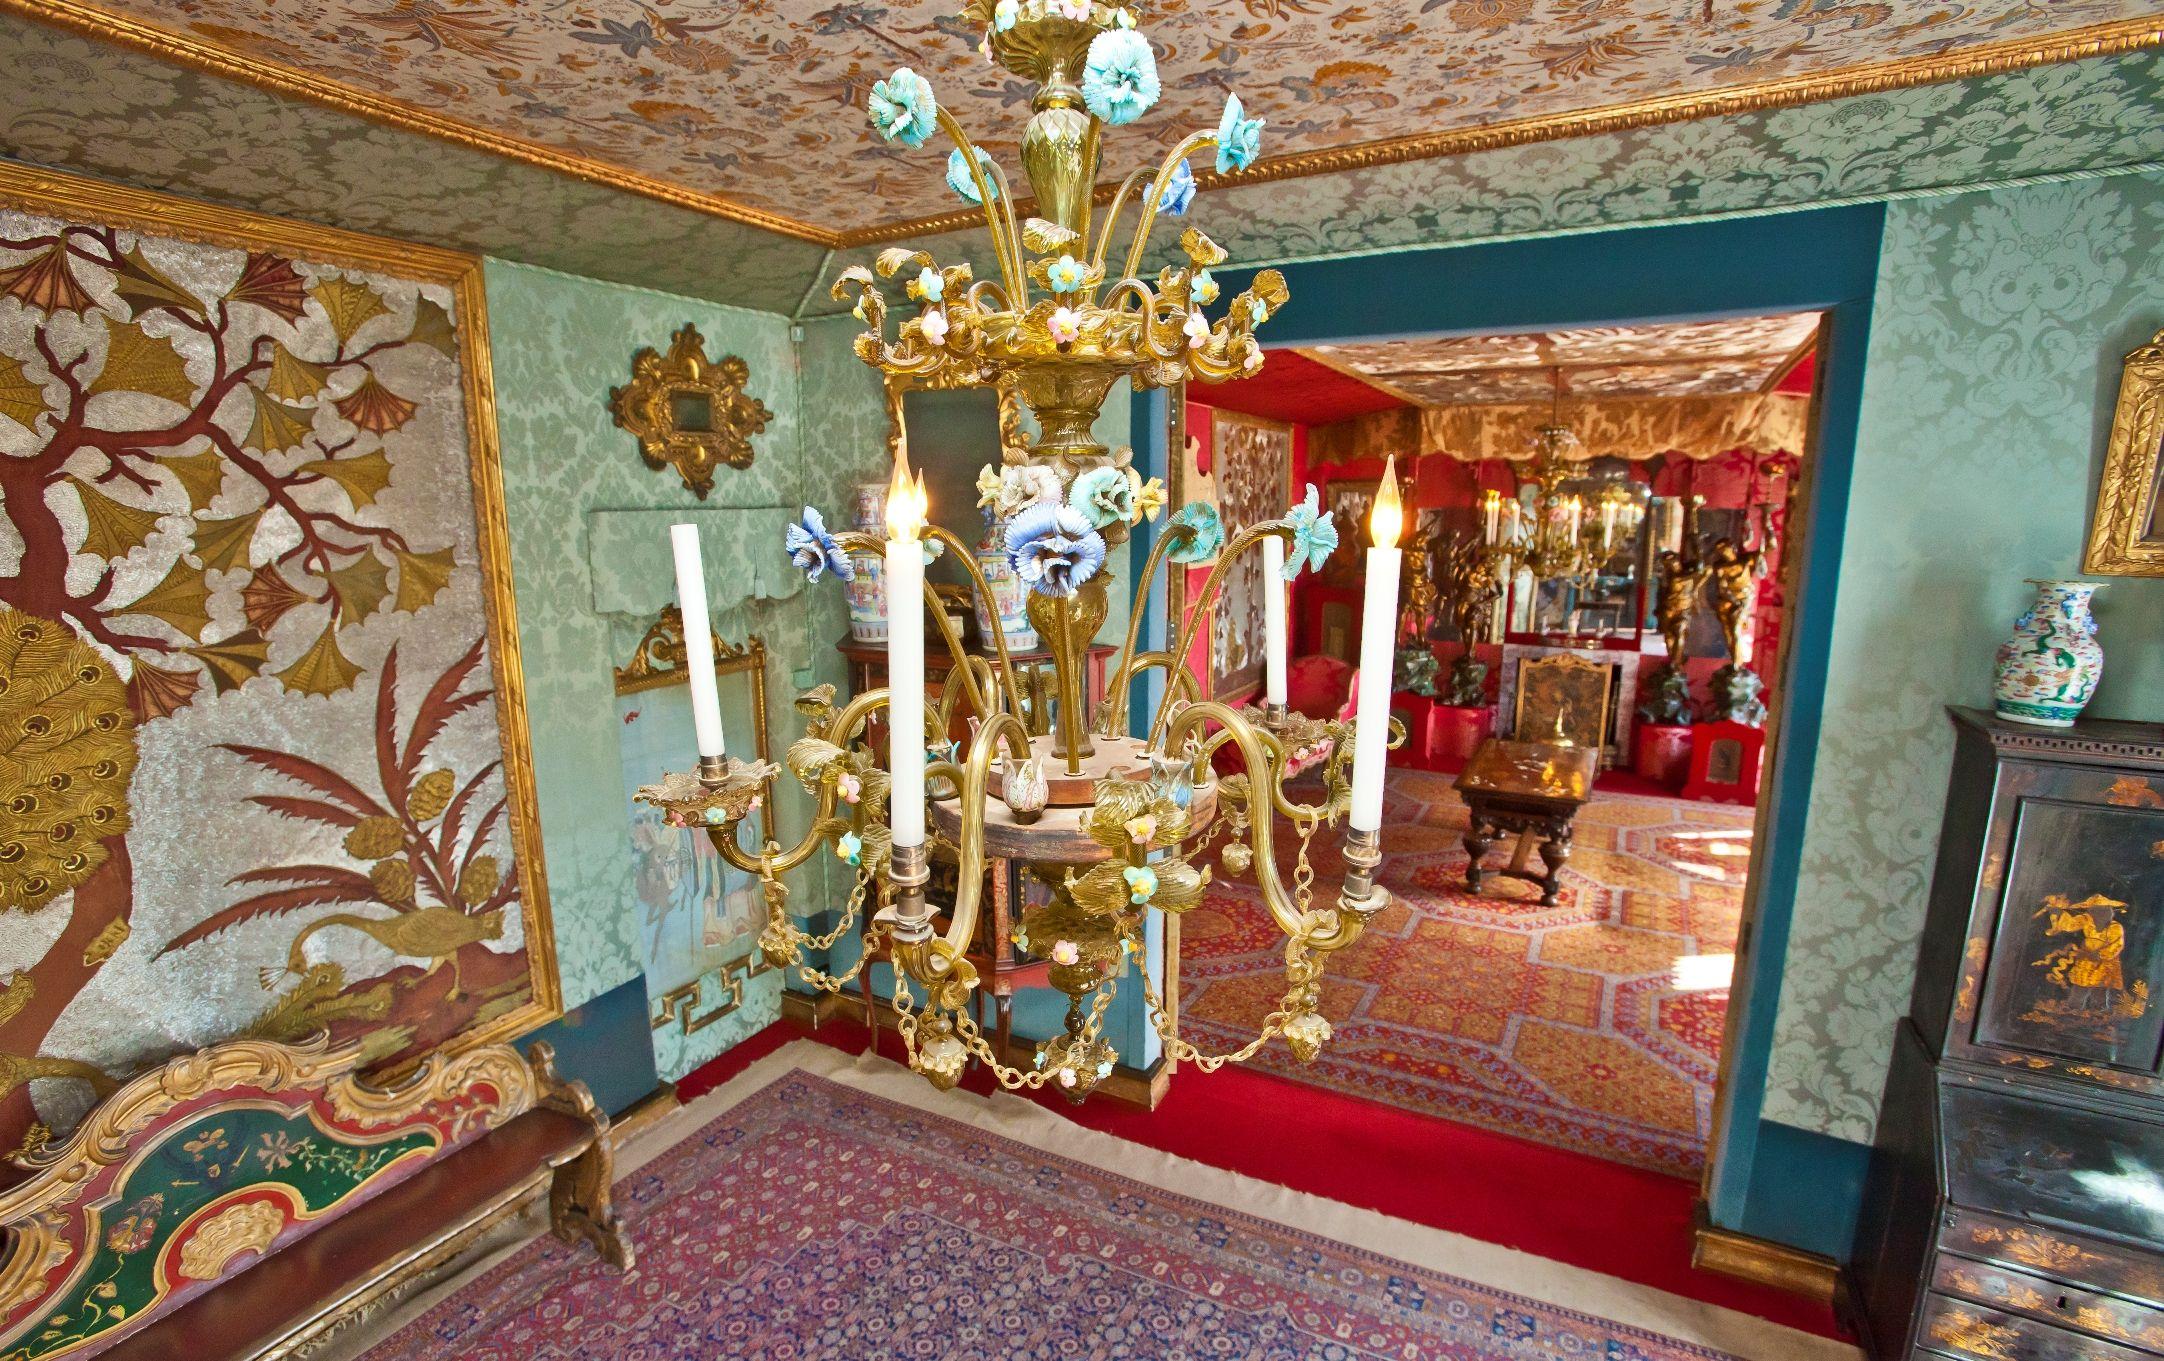 The Blue Room inside Victor Hugo's house in Hauteville, St